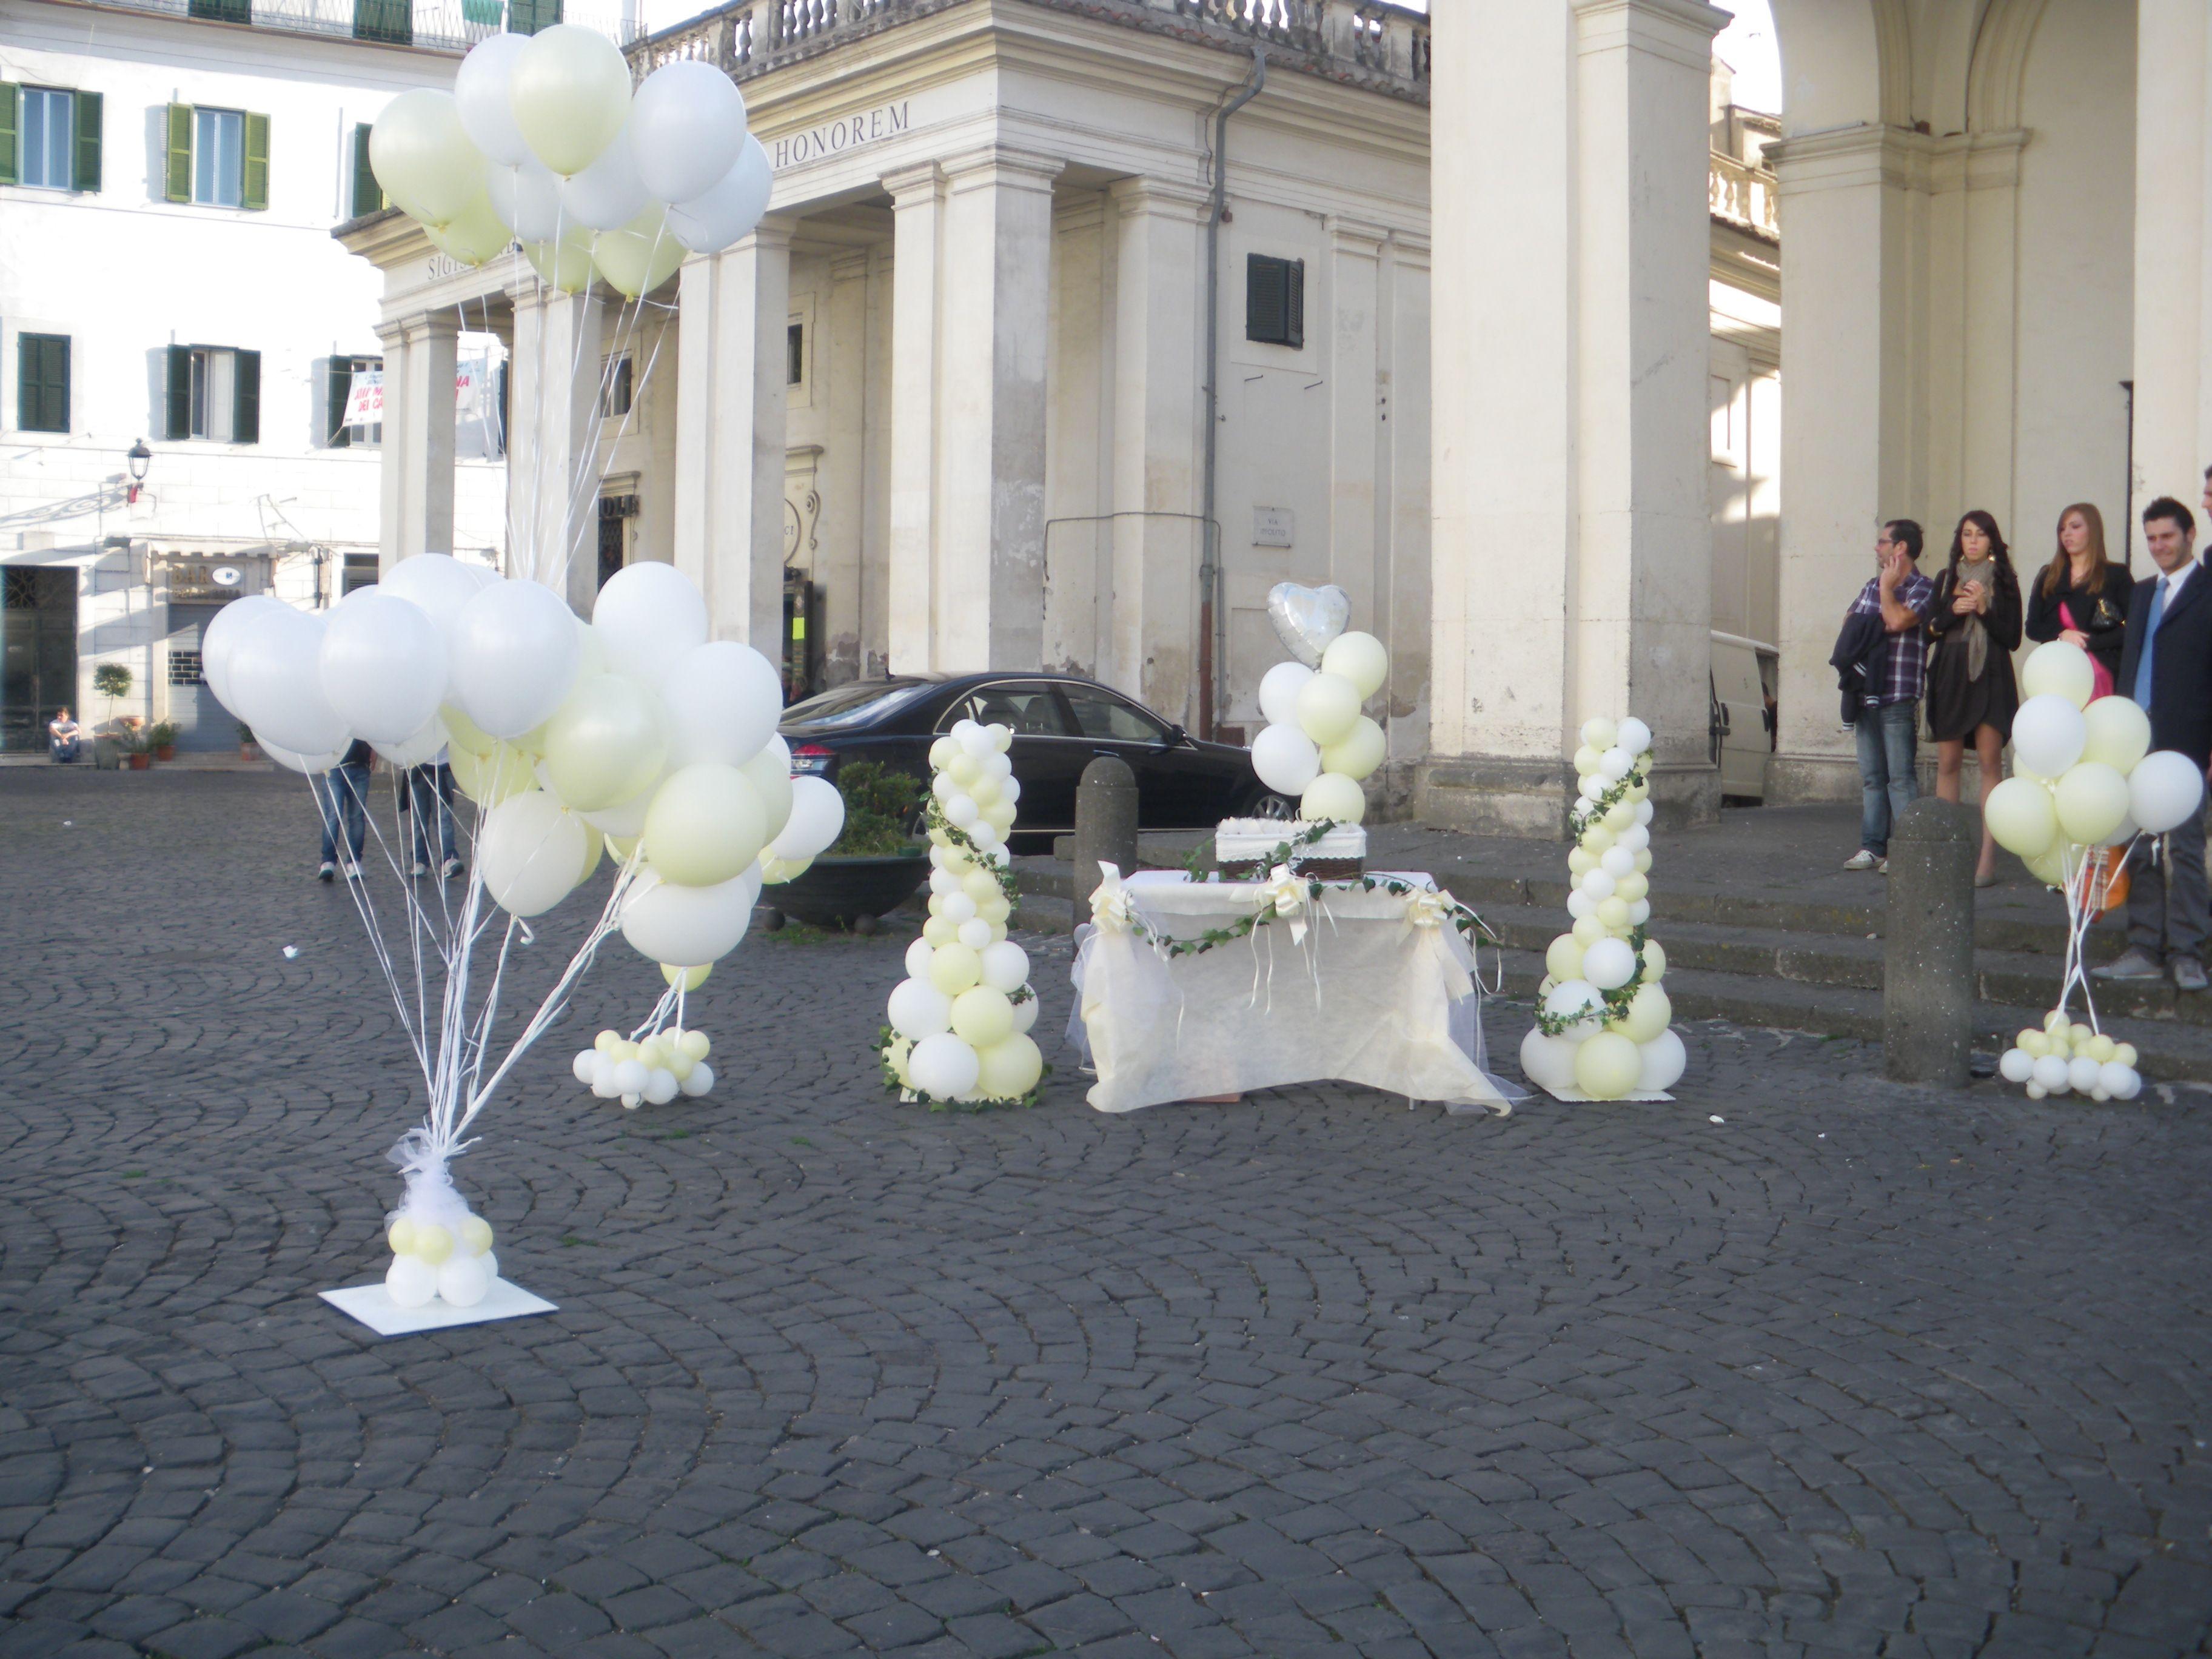 Composizione Buffet Lancio Palloncini Uscita Sposi Chiesa Santa Maria Assunta Ariccia Palloncini Matrimonio Palloncini Matrimonio